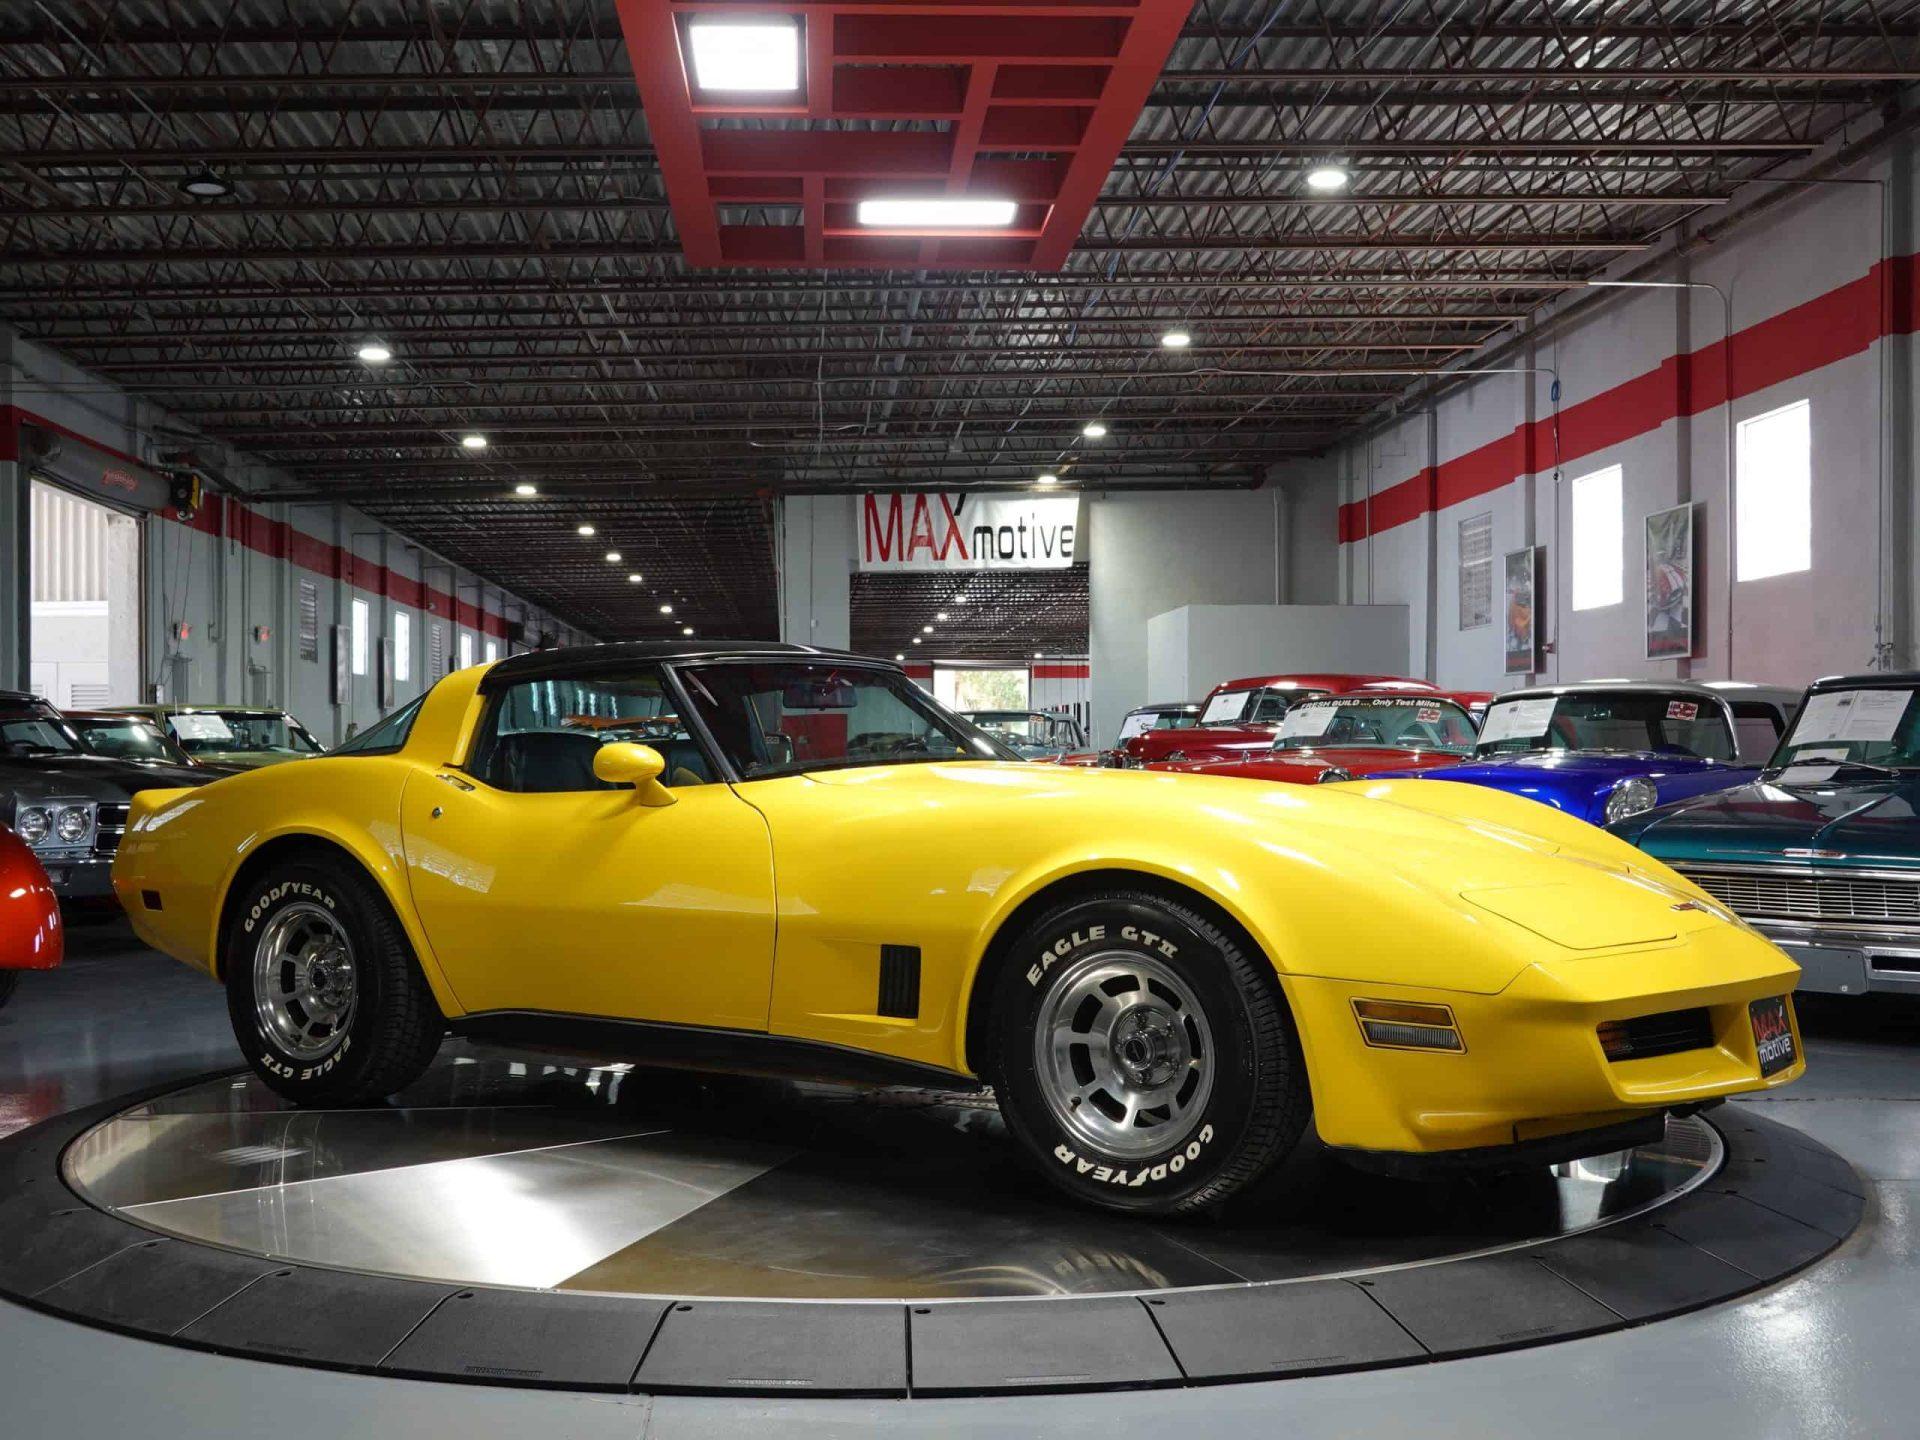 1980 Chevrolet Corvette Coupe - F0708